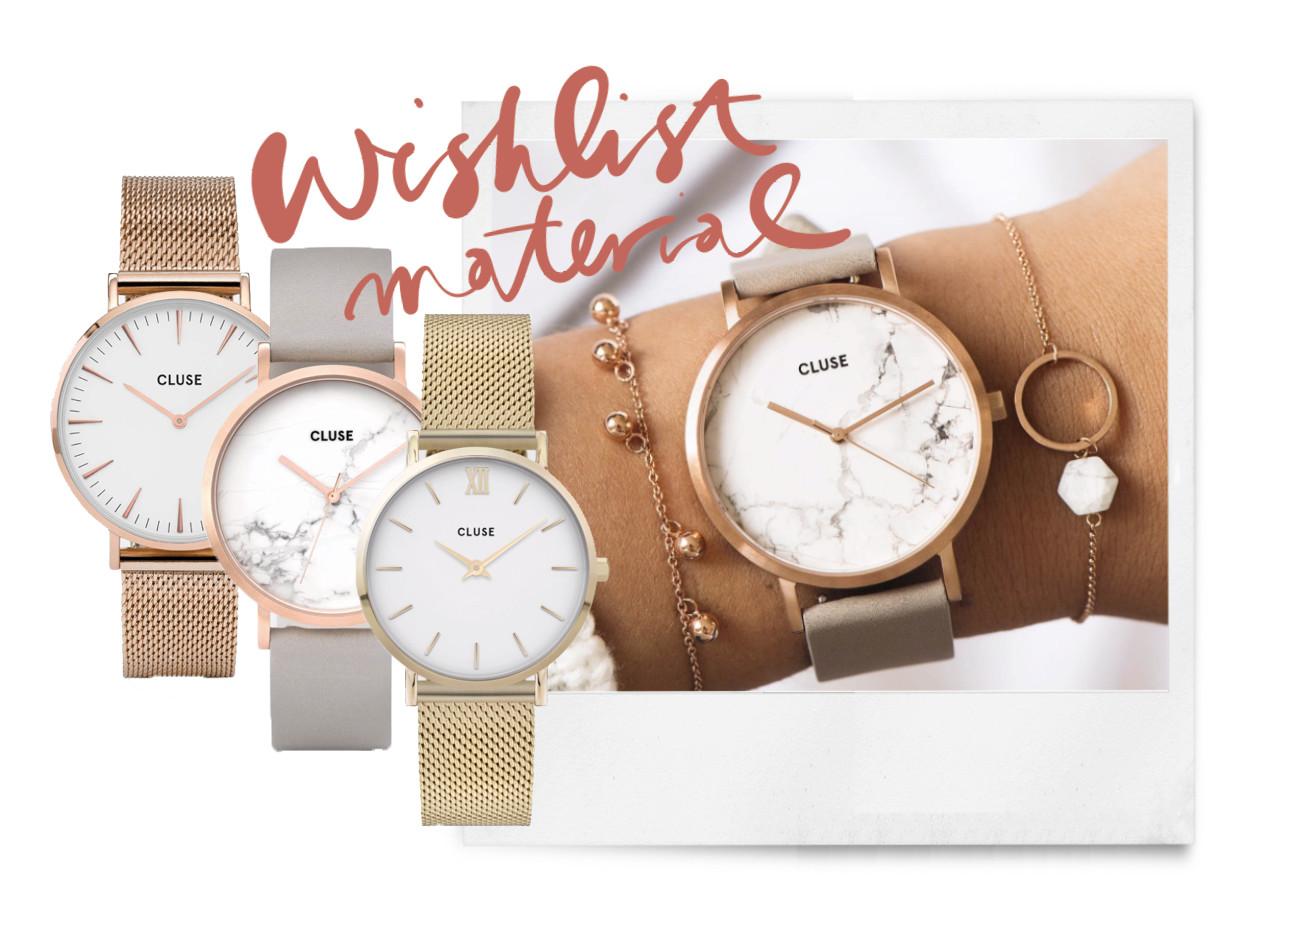 een meisje et een horloge om op een witte achtergrond, en 3 gekleurde horloges die ernaast staan van Cluse